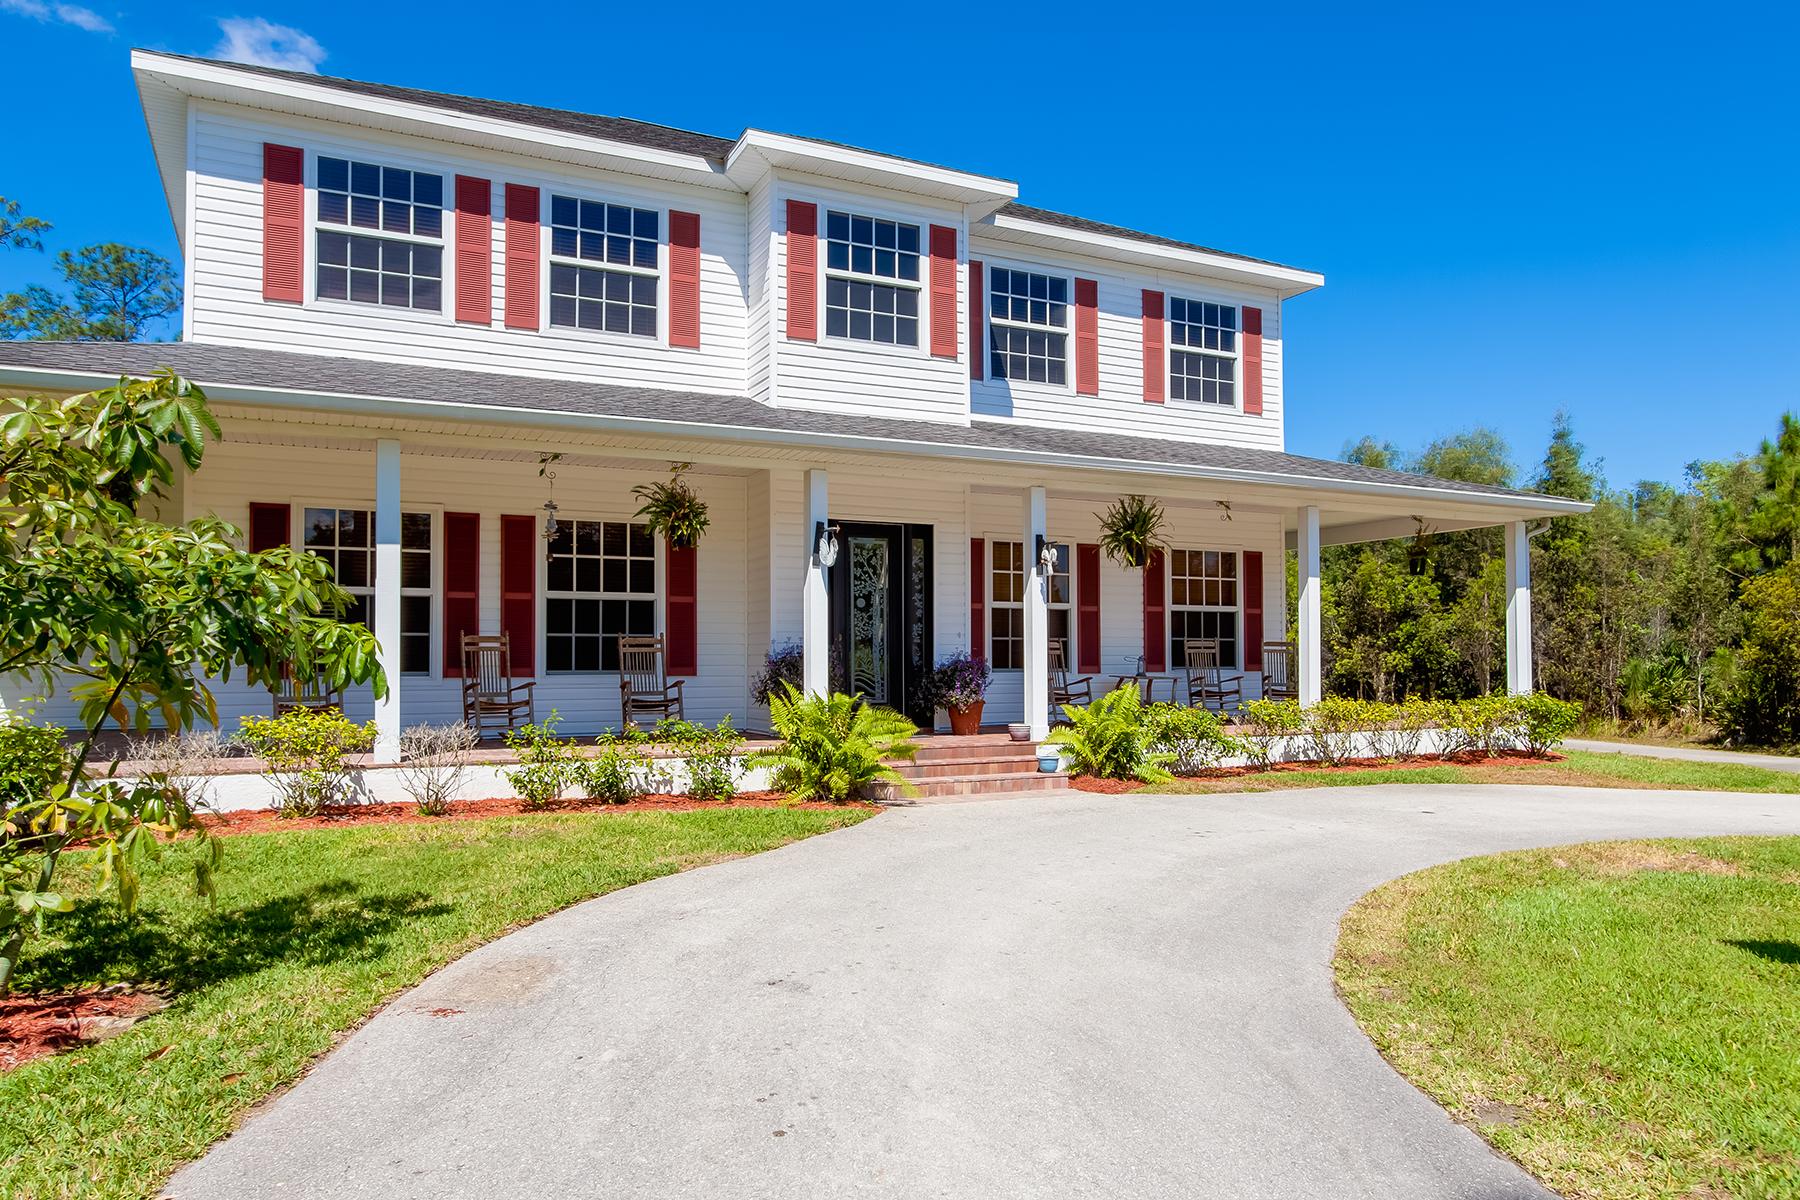 단독 가정 주택 용 매매 에 COLONIAL FARMS 12300 Cannon Ln Fort Myers, 플로리다, 33912 미국